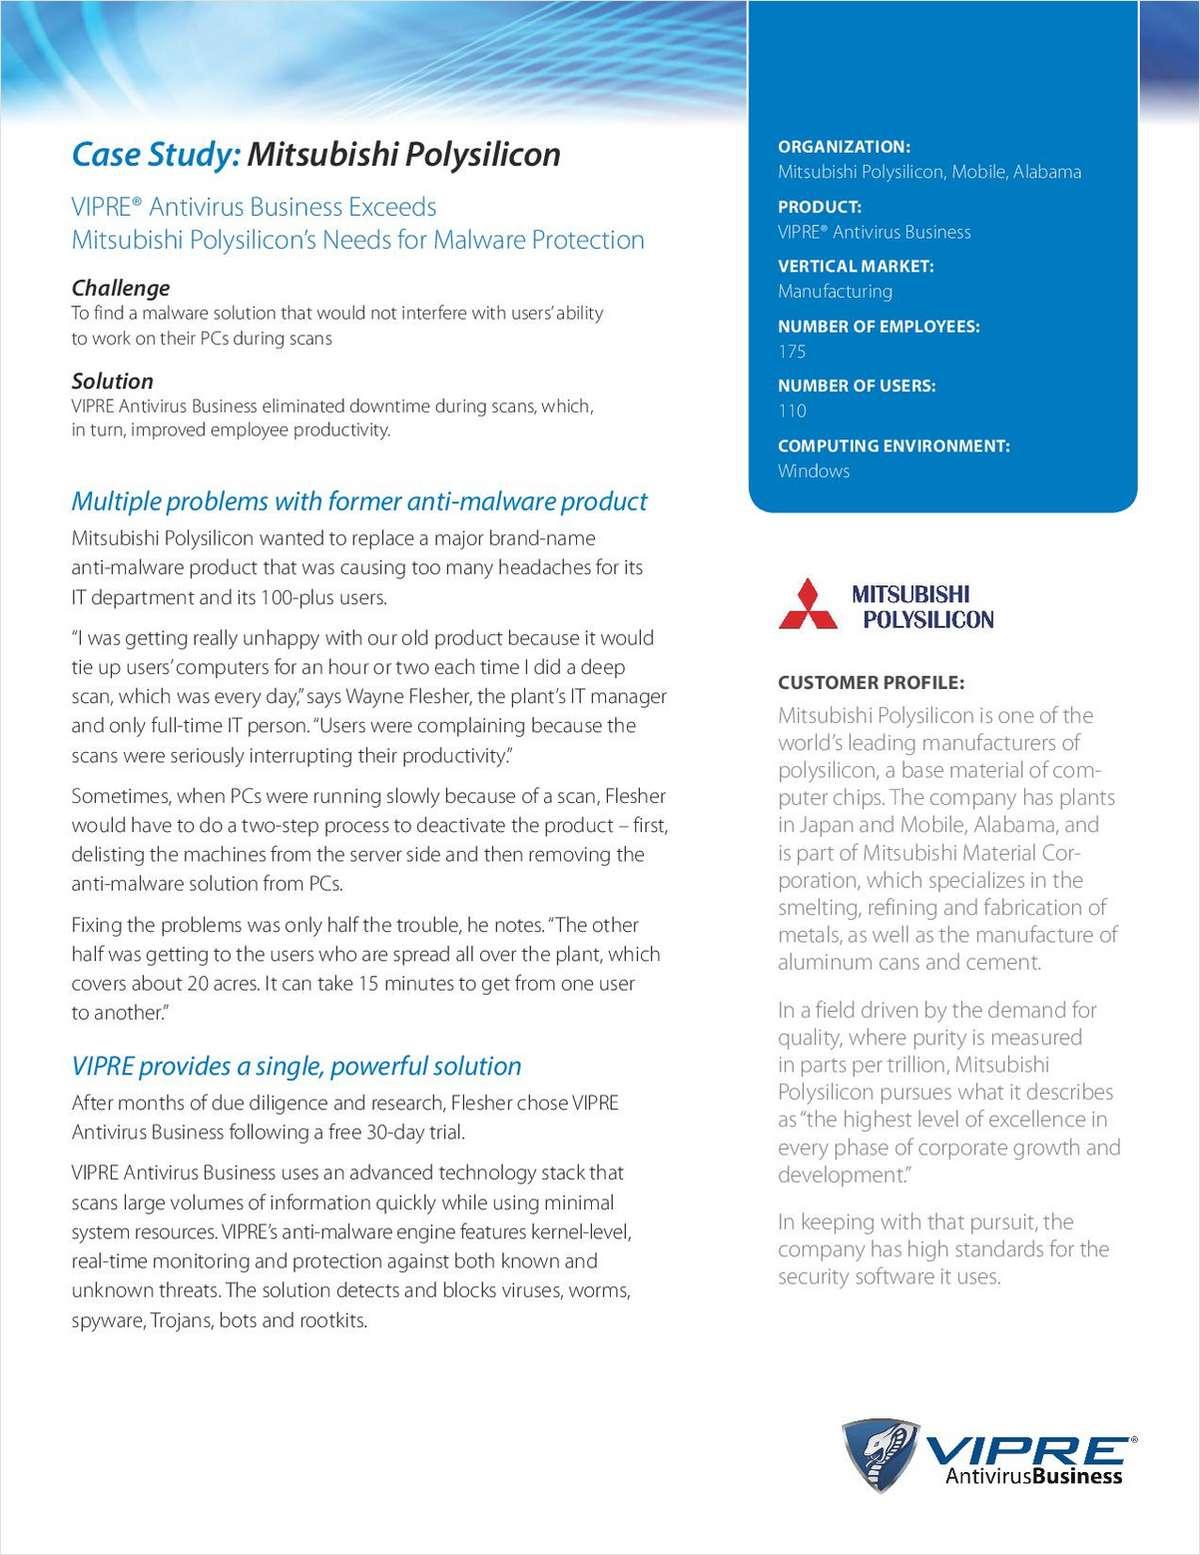 VIPRE Case Study: Mitsubishi Polysilicon